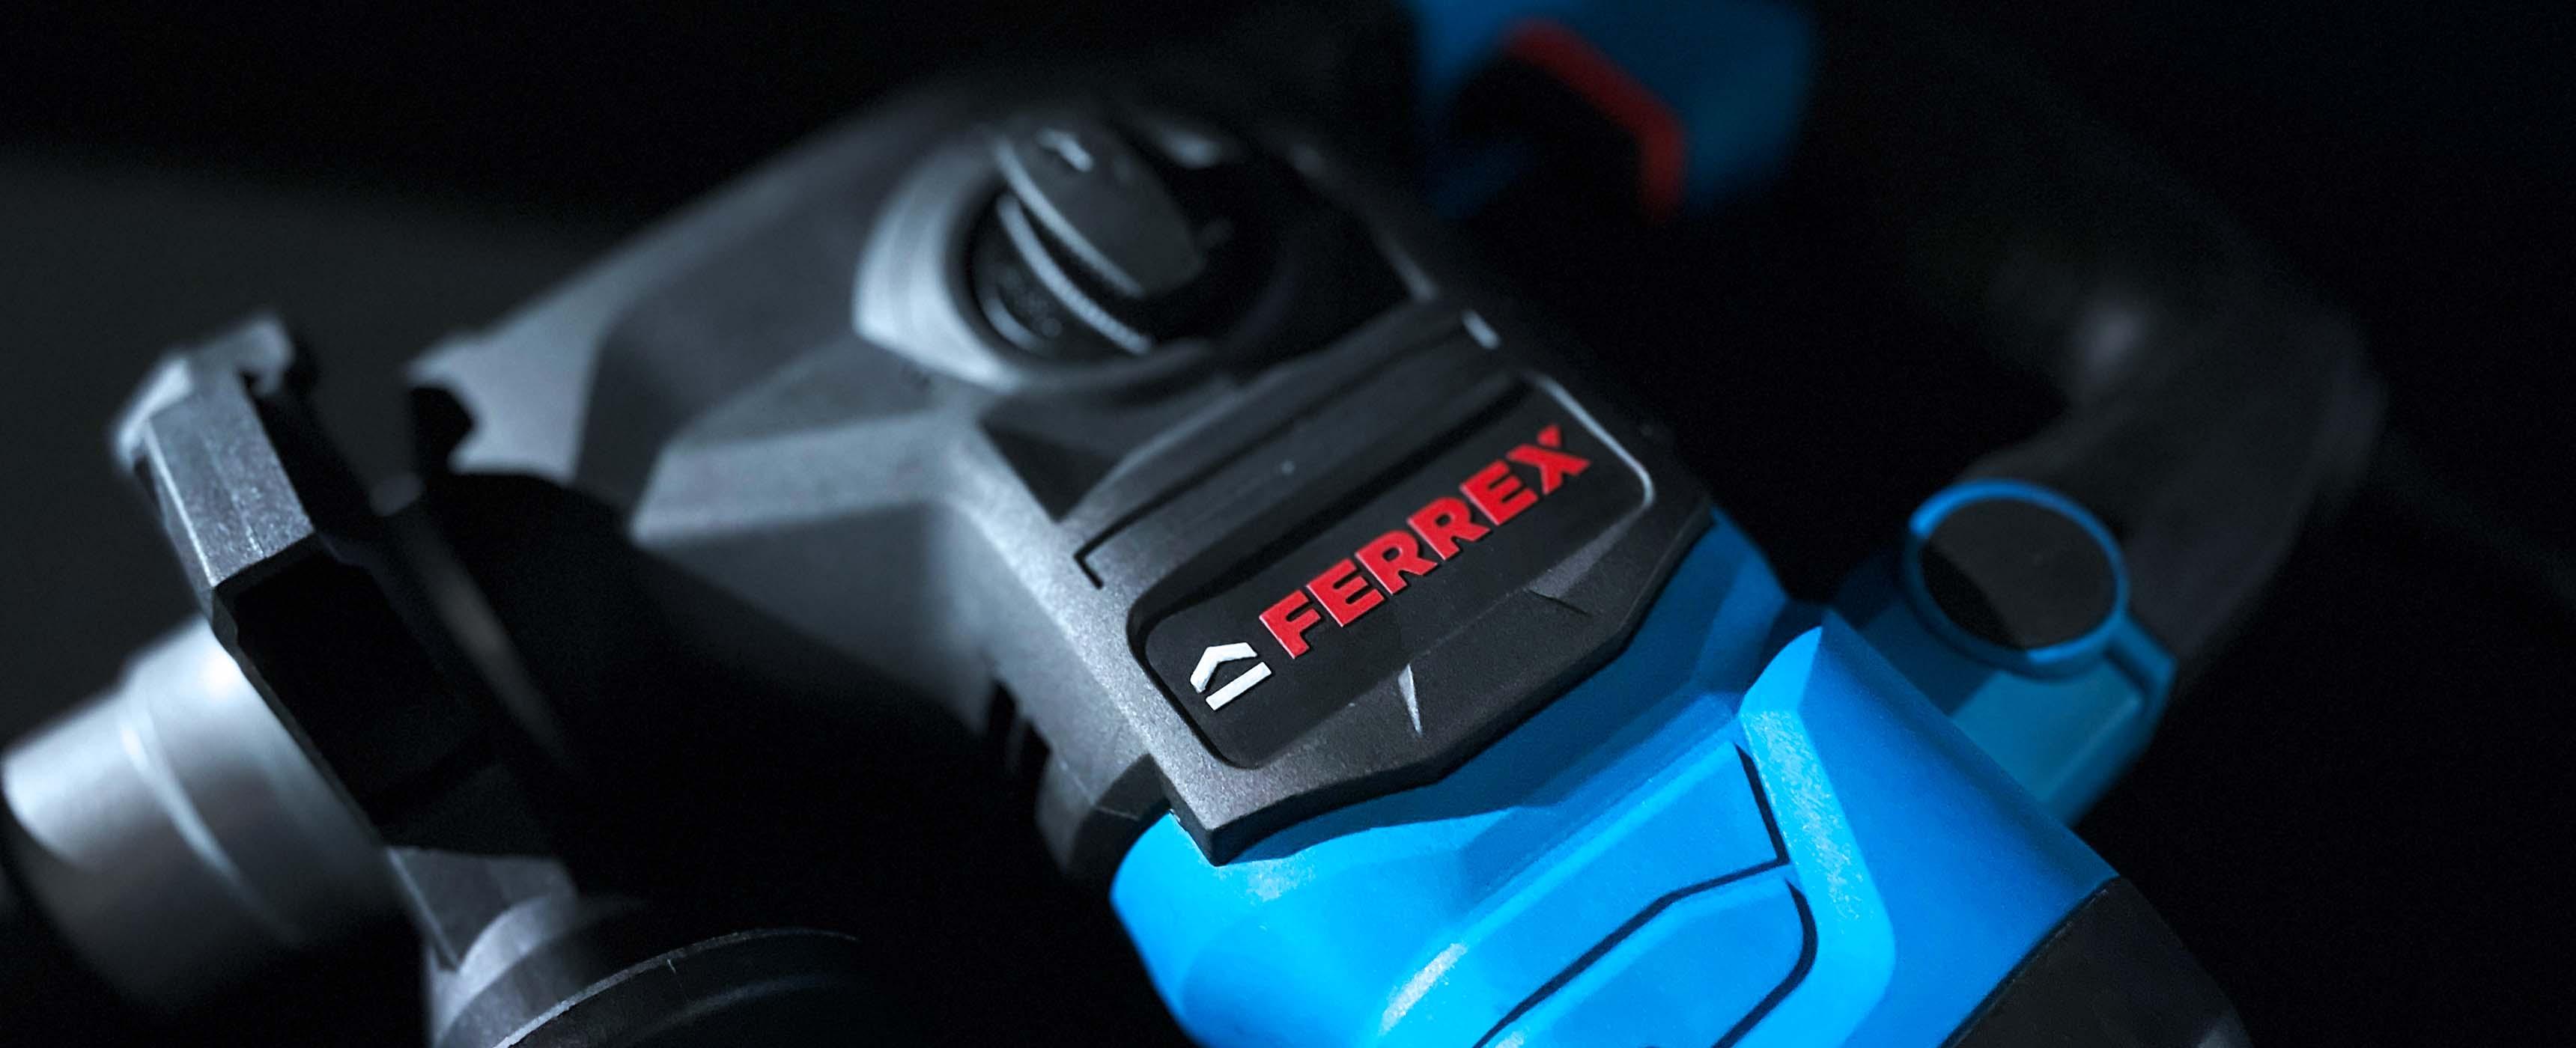 Ferrex Hammer Drill 02